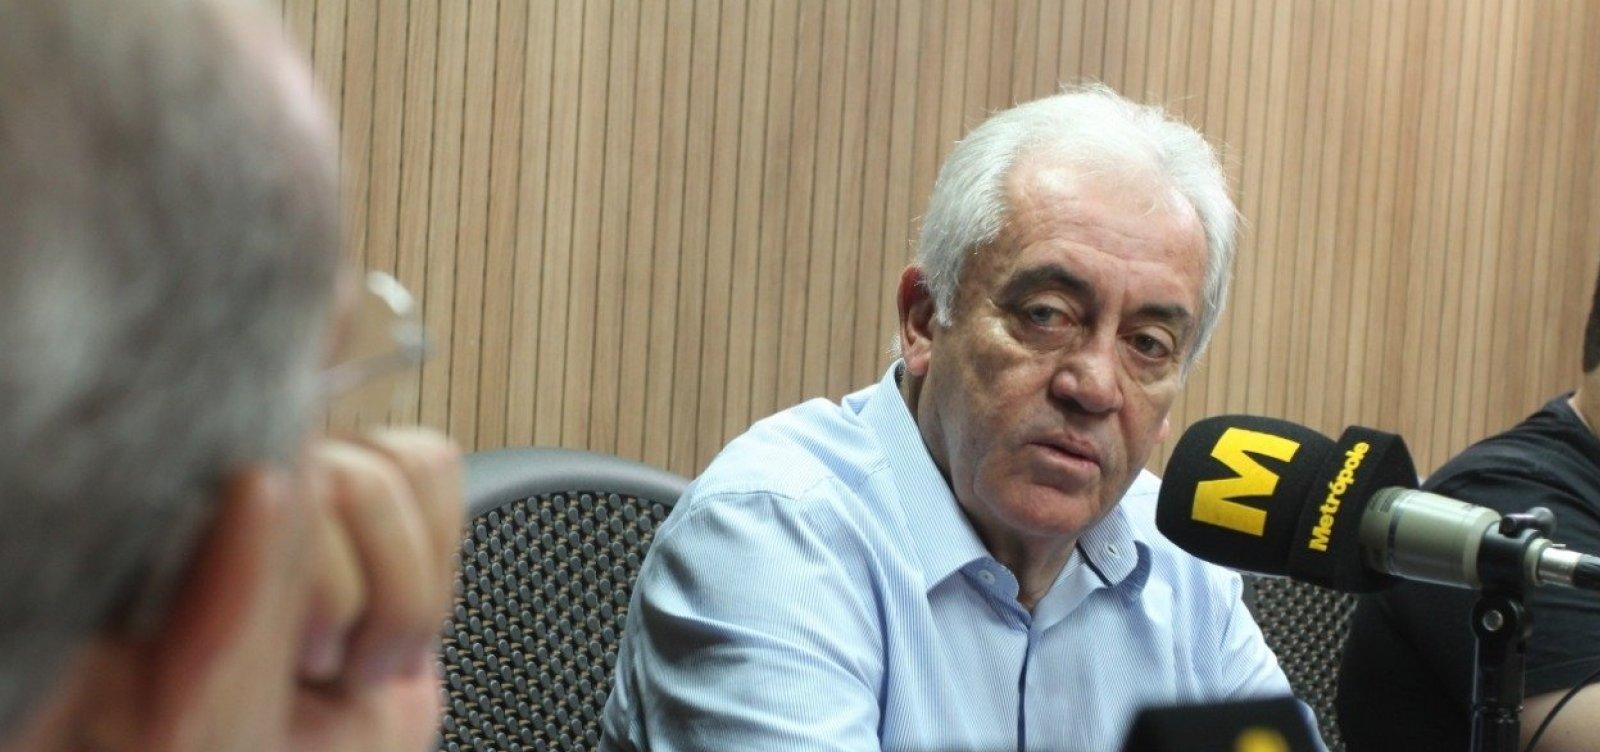 [Otto diz que Dilma era 'professora de Deus' e revela discordância sobre o Rio São Francisco]